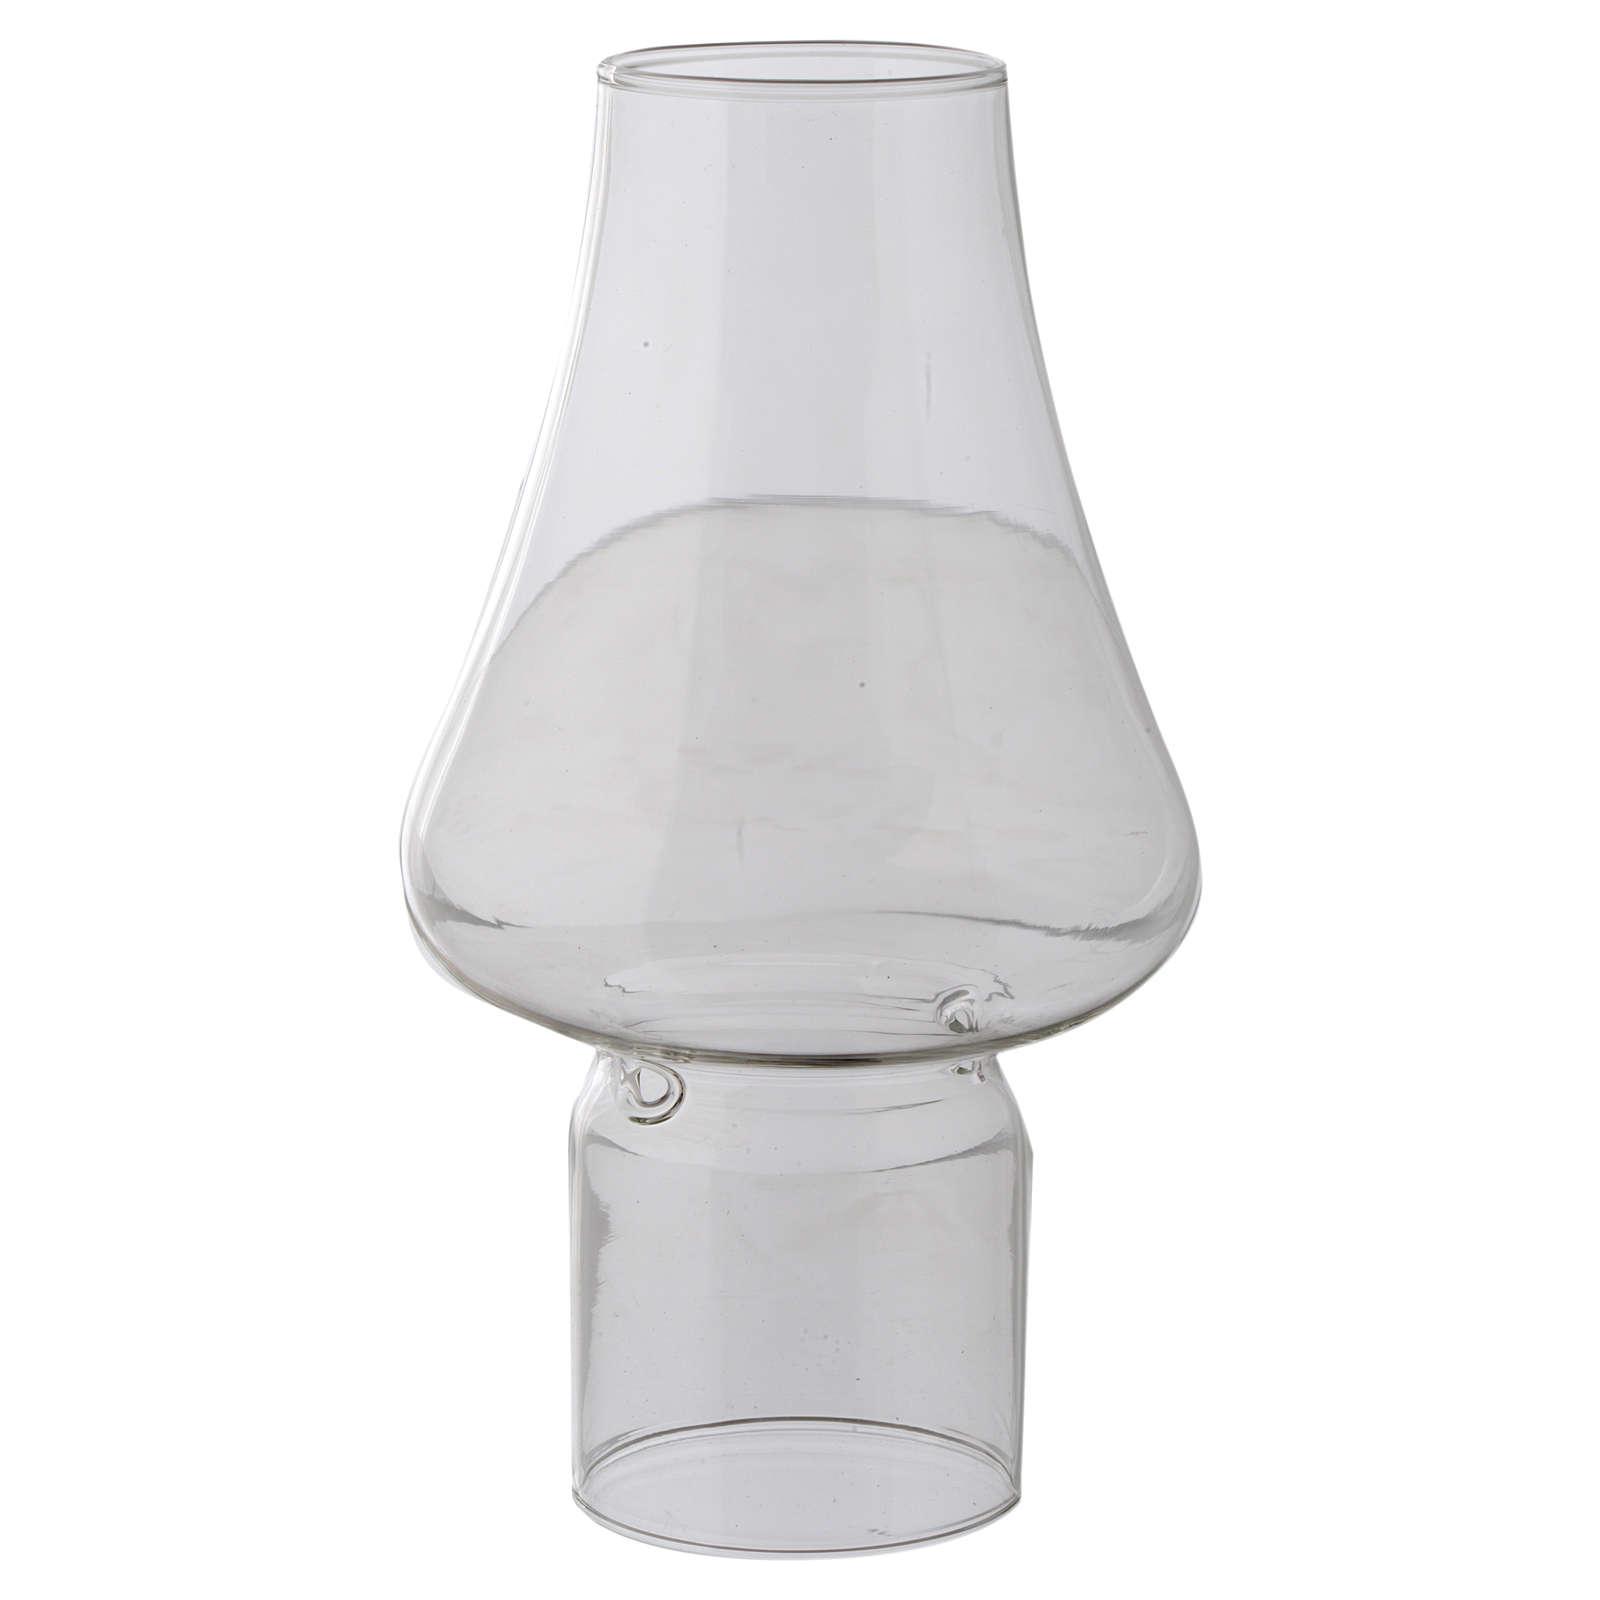 Vidrios anti-viento para velas de cera líquida 3